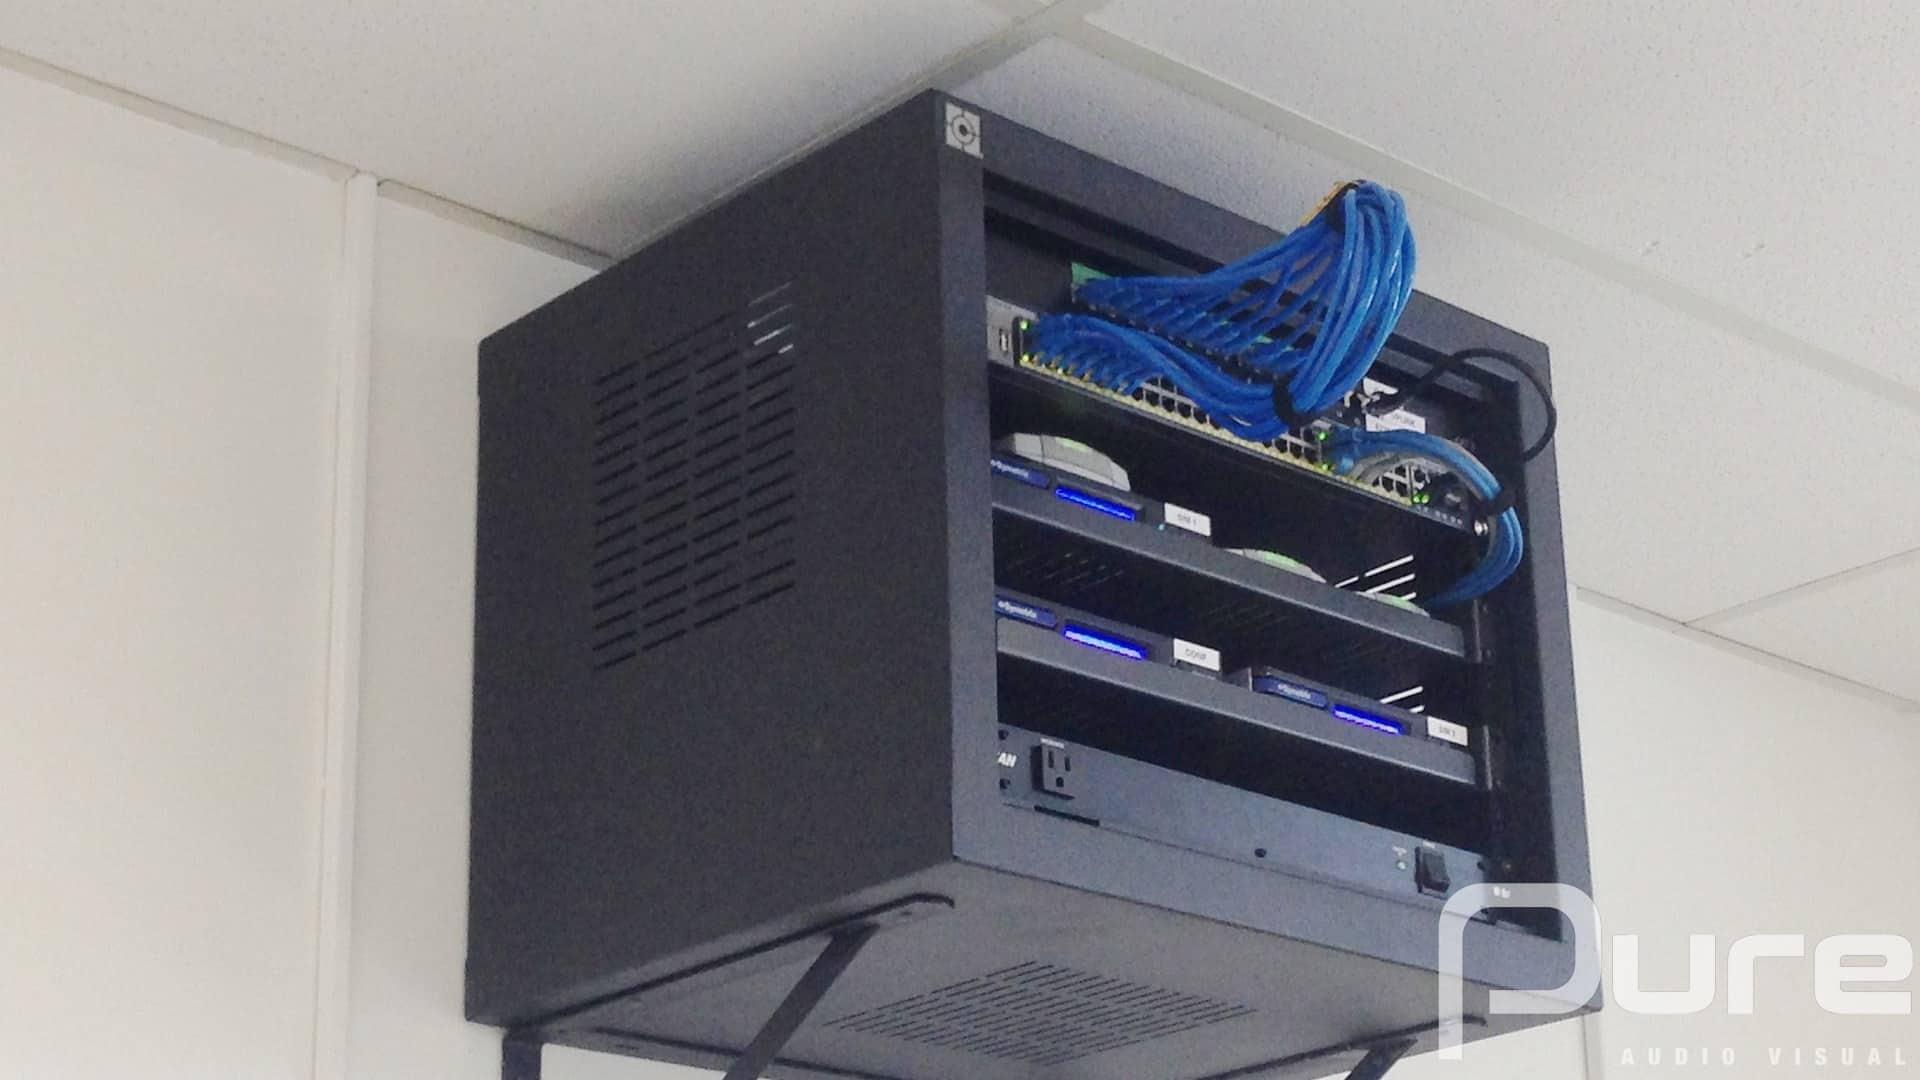 audio visual rack